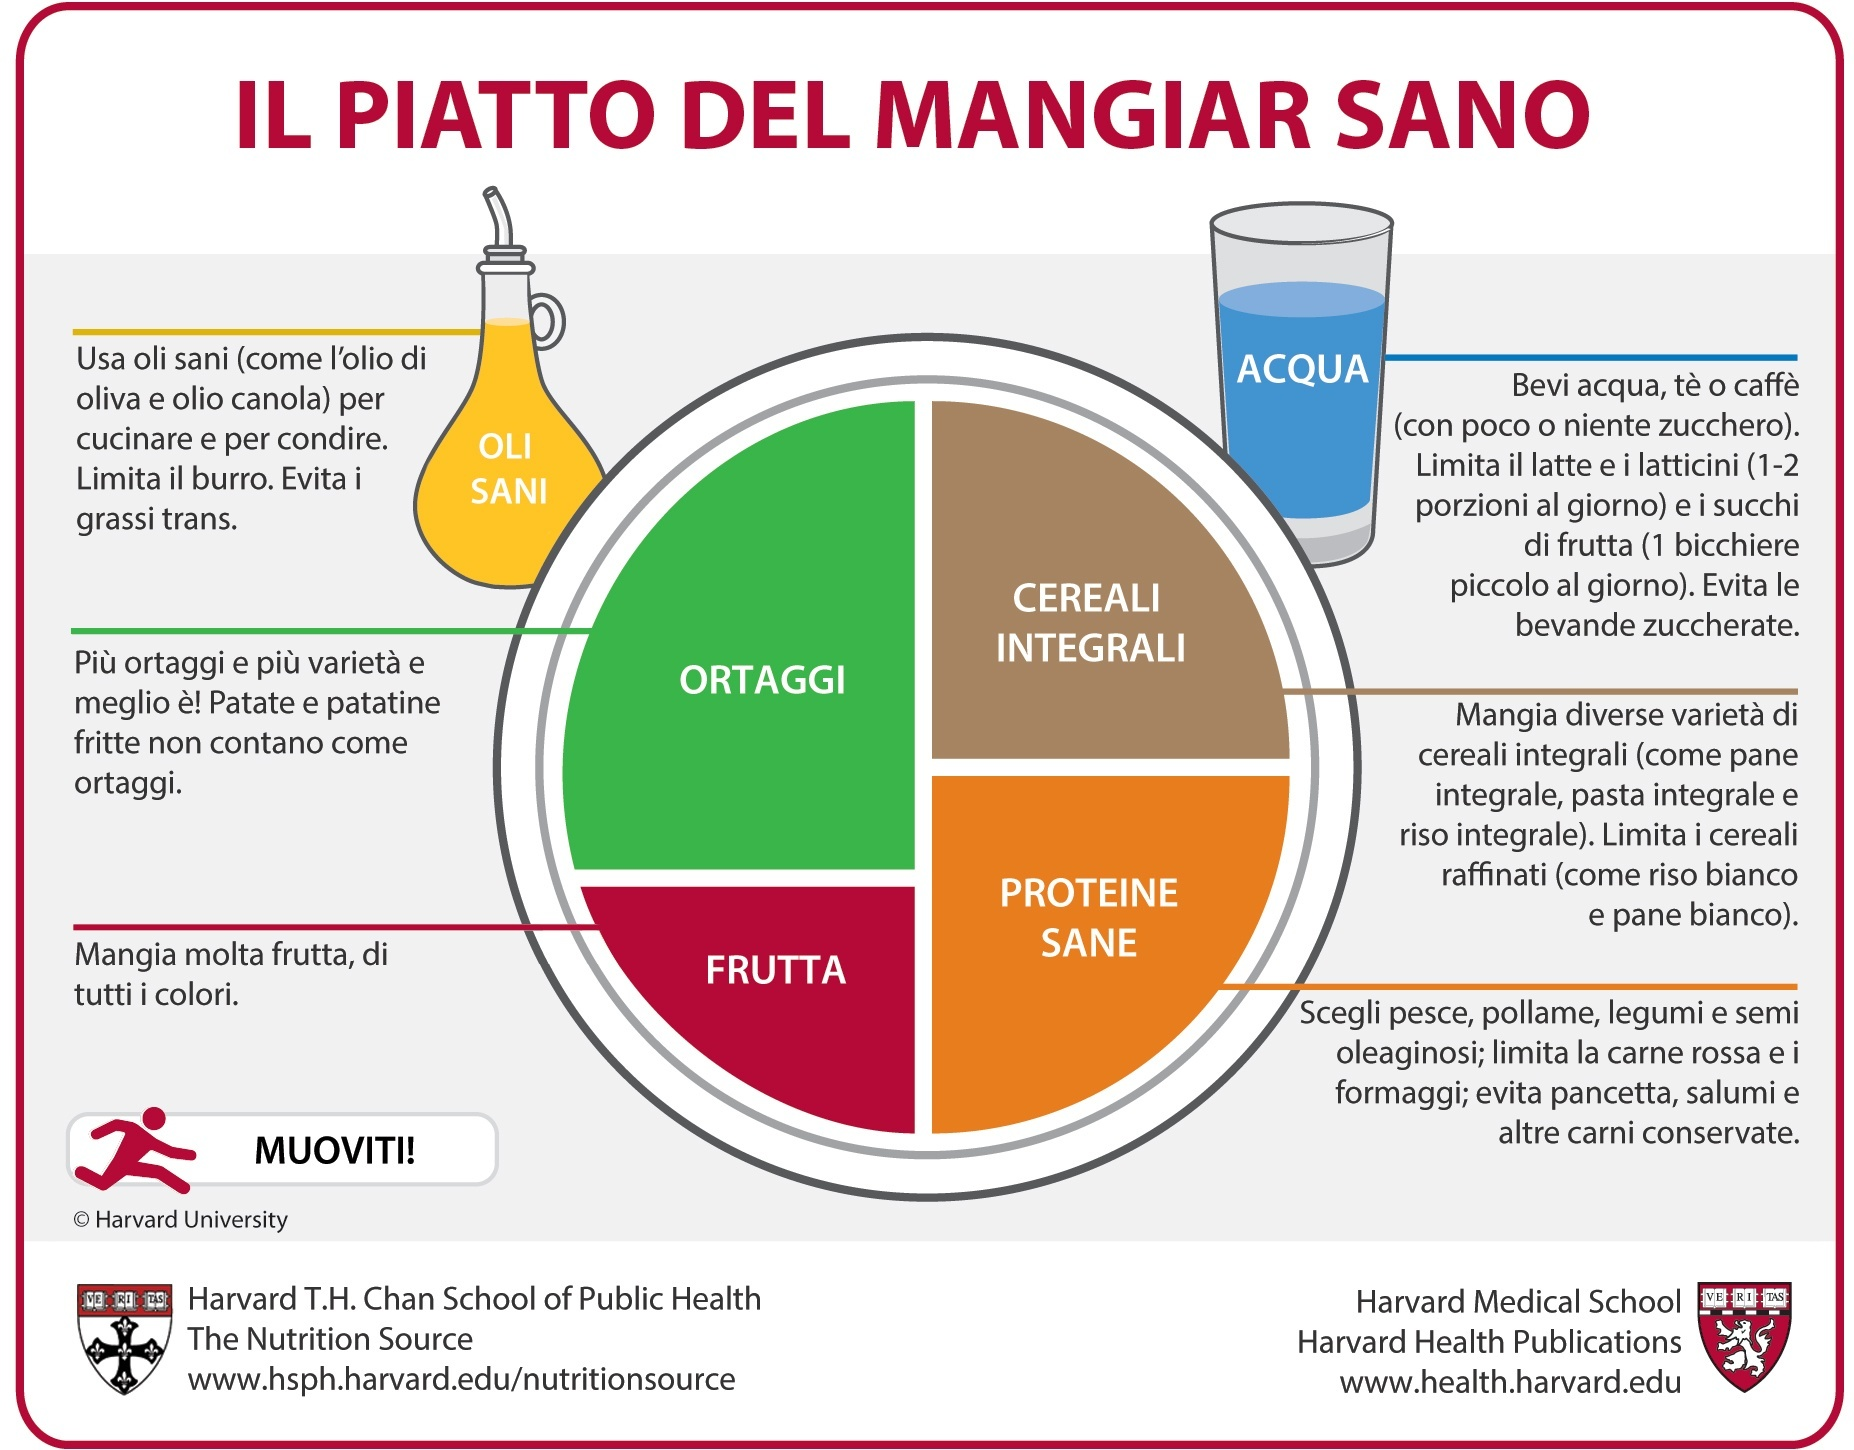 piramide alimnetare piatto del mangiare sano